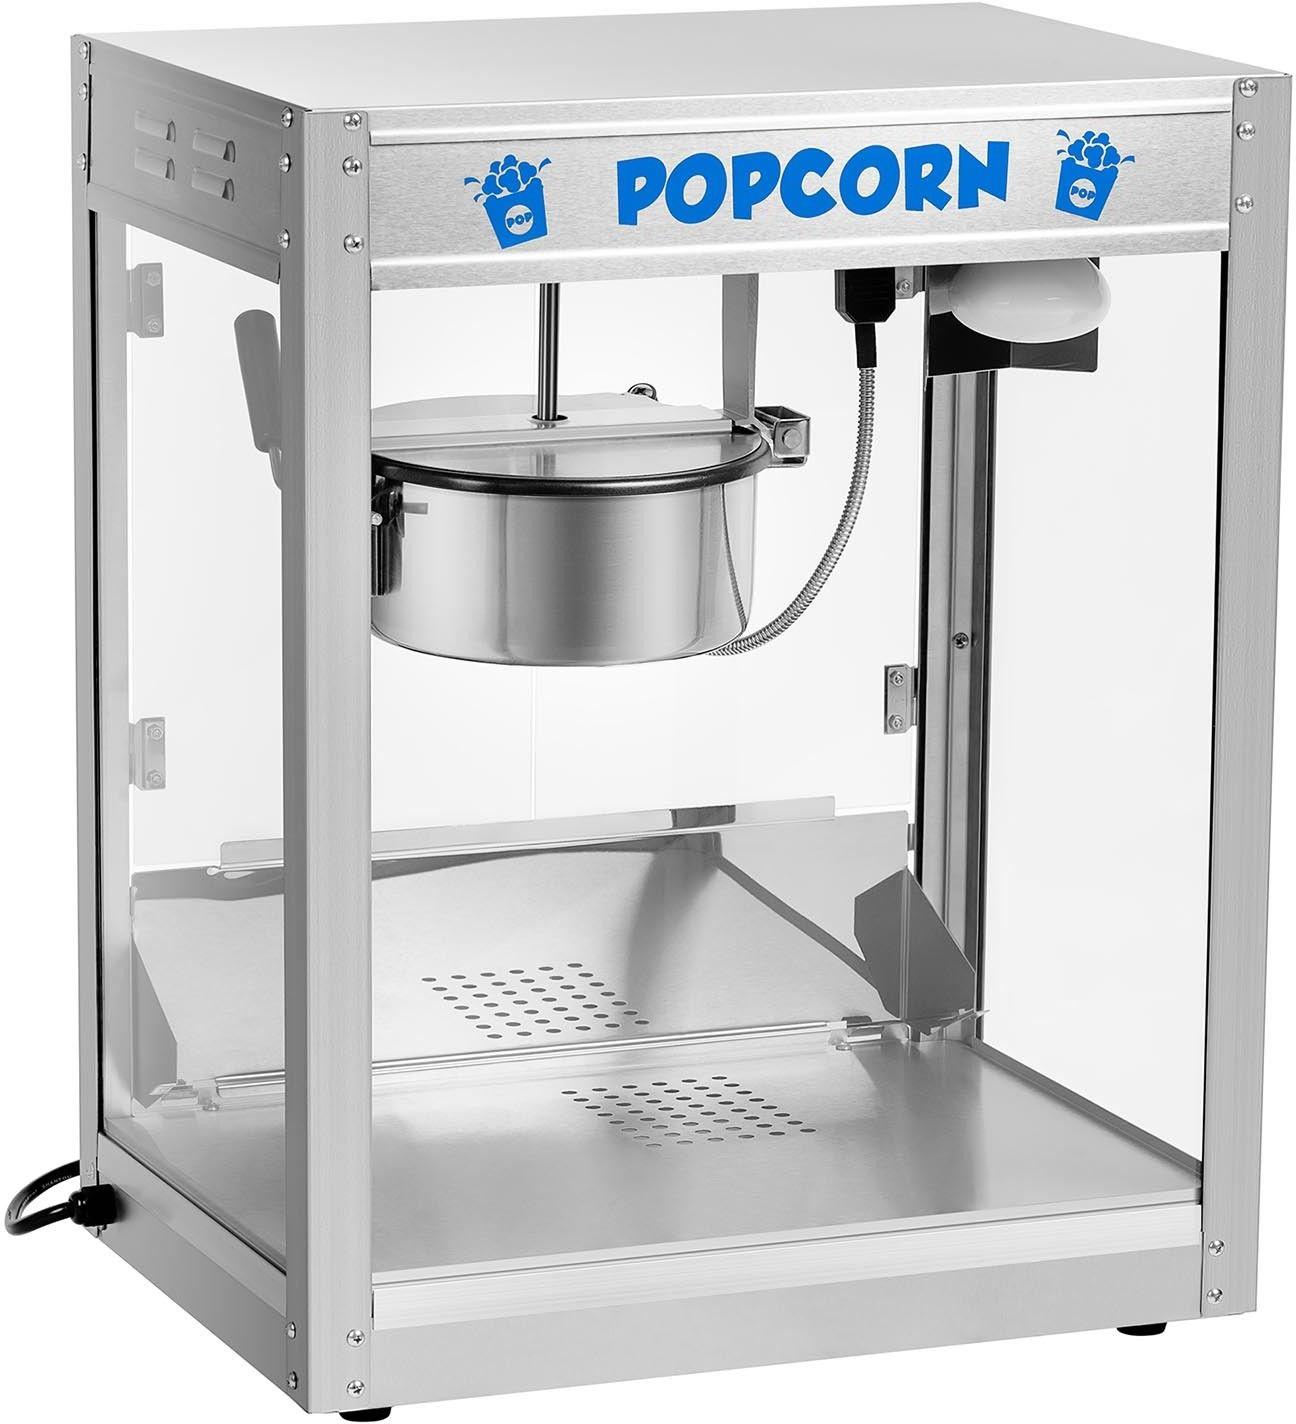 Maszyna do popcornu - stal nierdzewna - Royal Catering - RCPS-1350 - 3 lata gwarancji/wysyłka w 24h